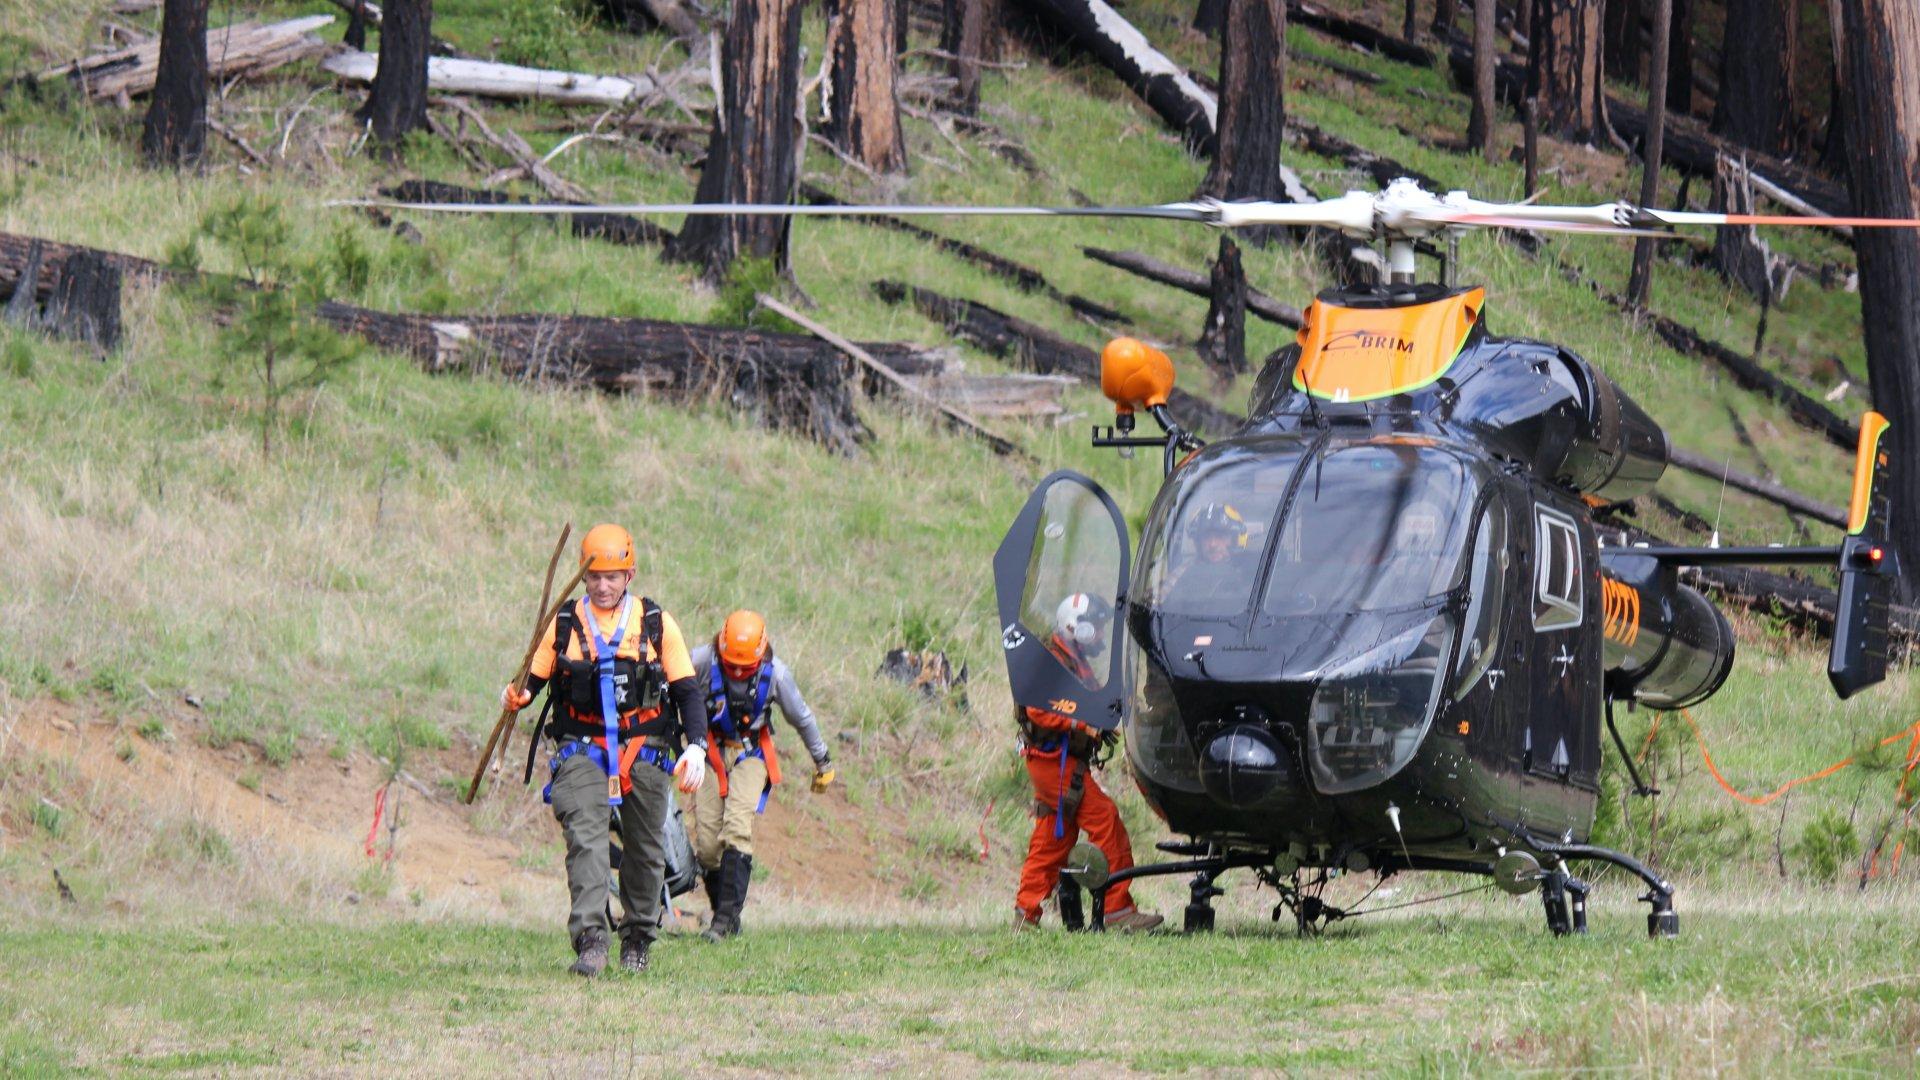 Helikopterrel mentették ki az eltűnt férfit az erdőből